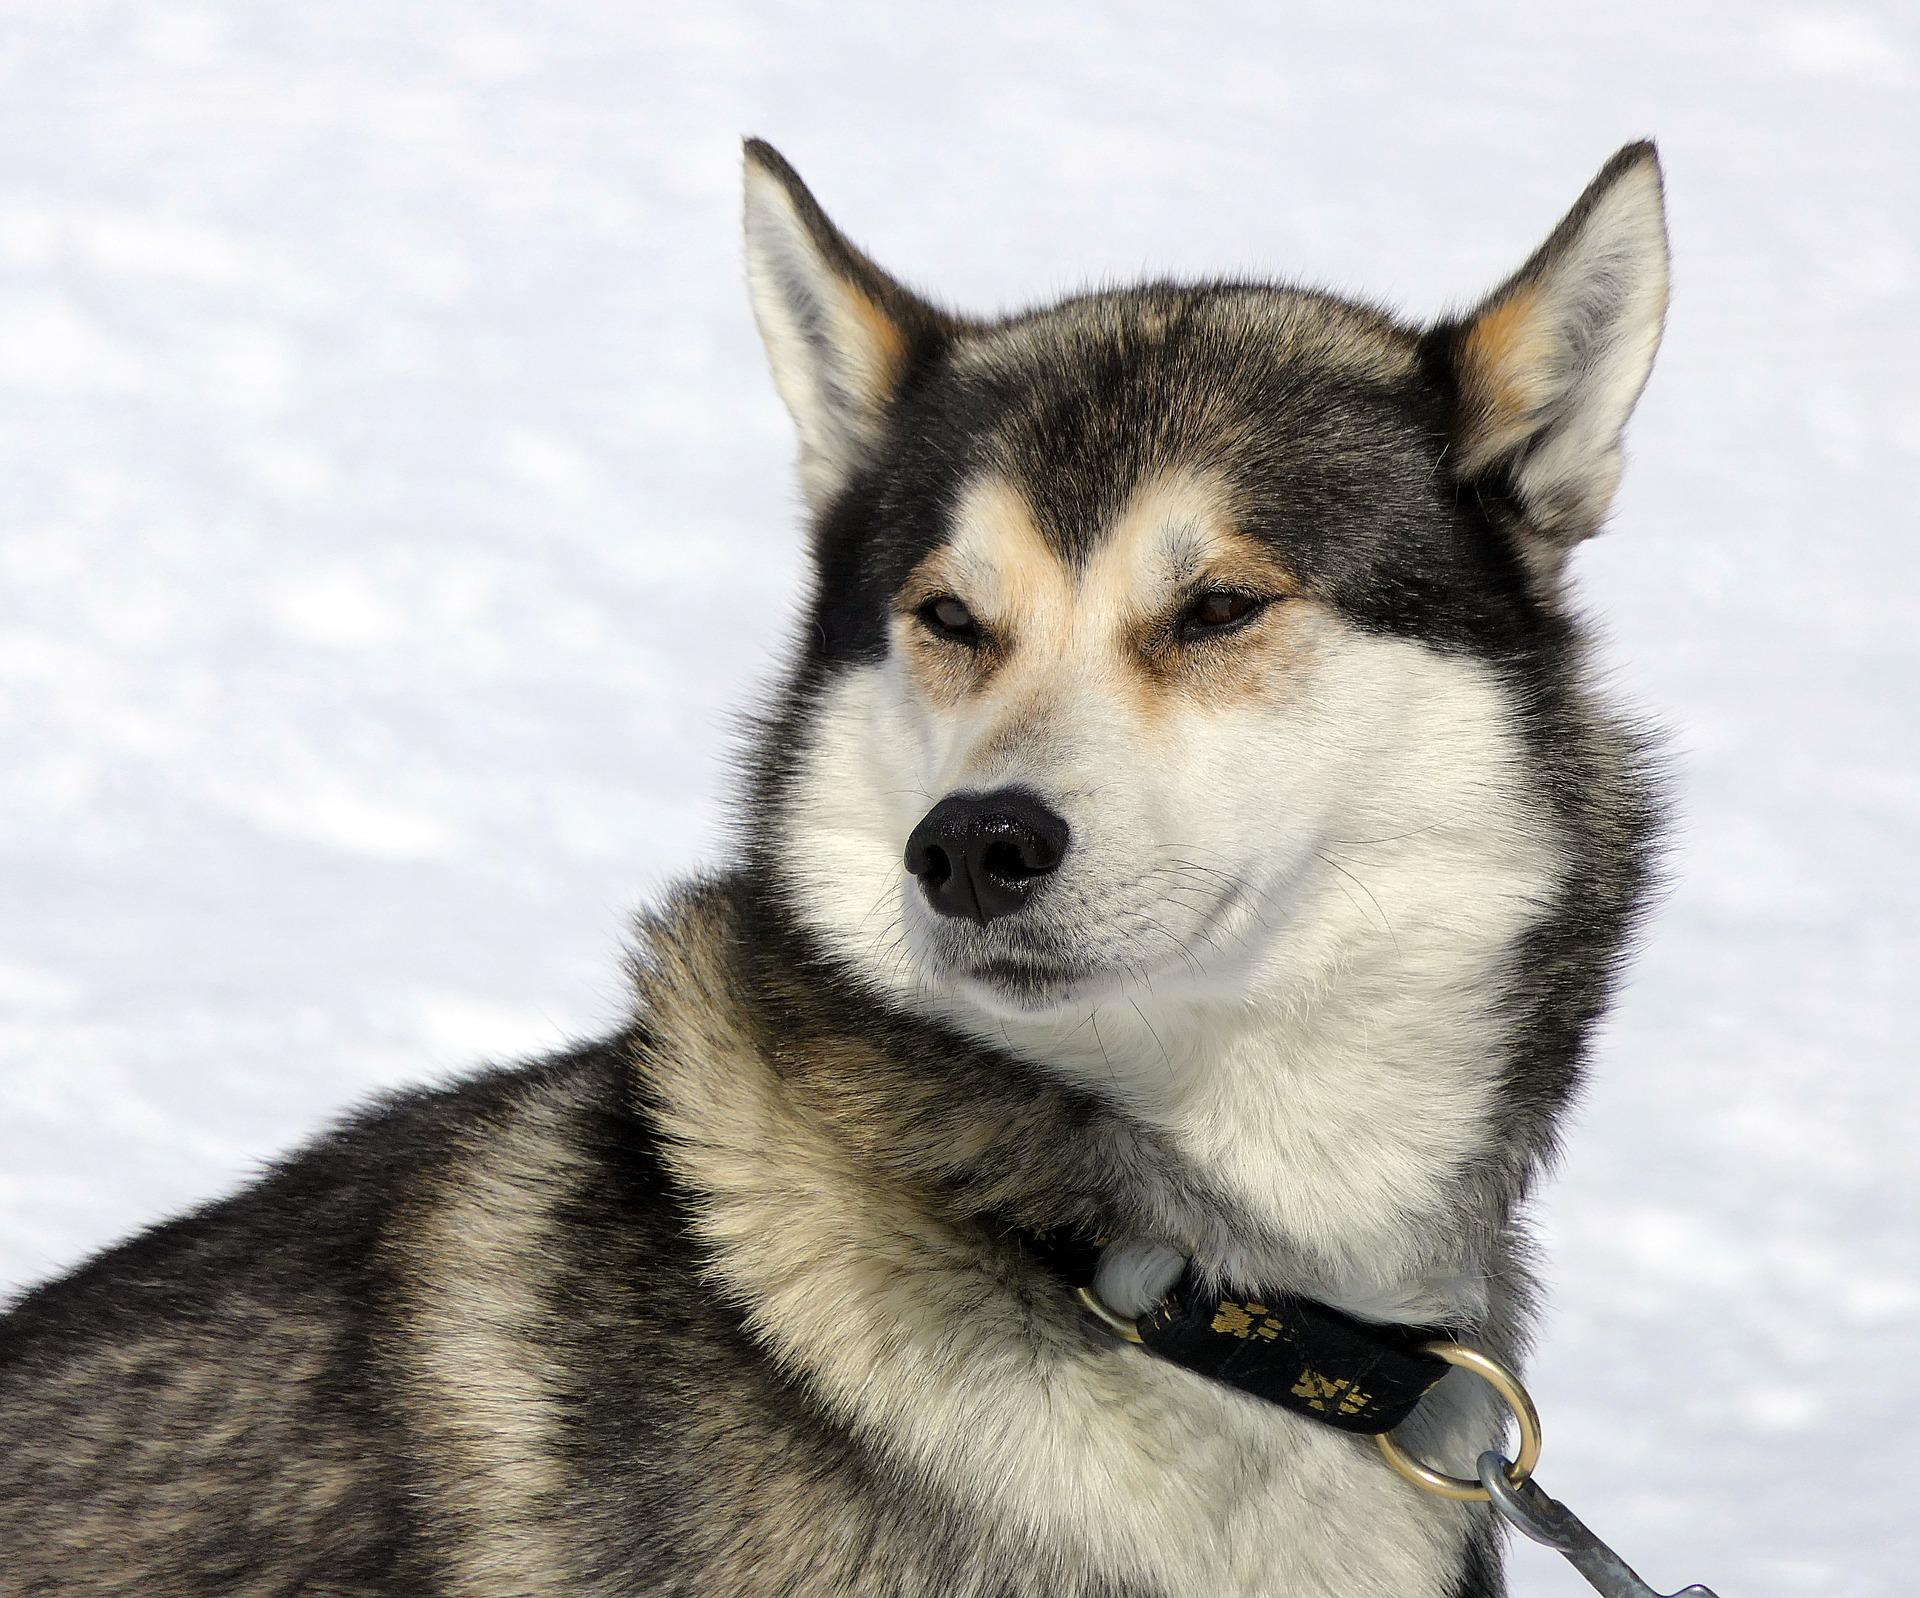 الكلب, صوت أجش سيبيريا, الفراء, الثلج, الجبال, الاسترخاء - خلفيات عالية الدقة - أستاذ falken.com